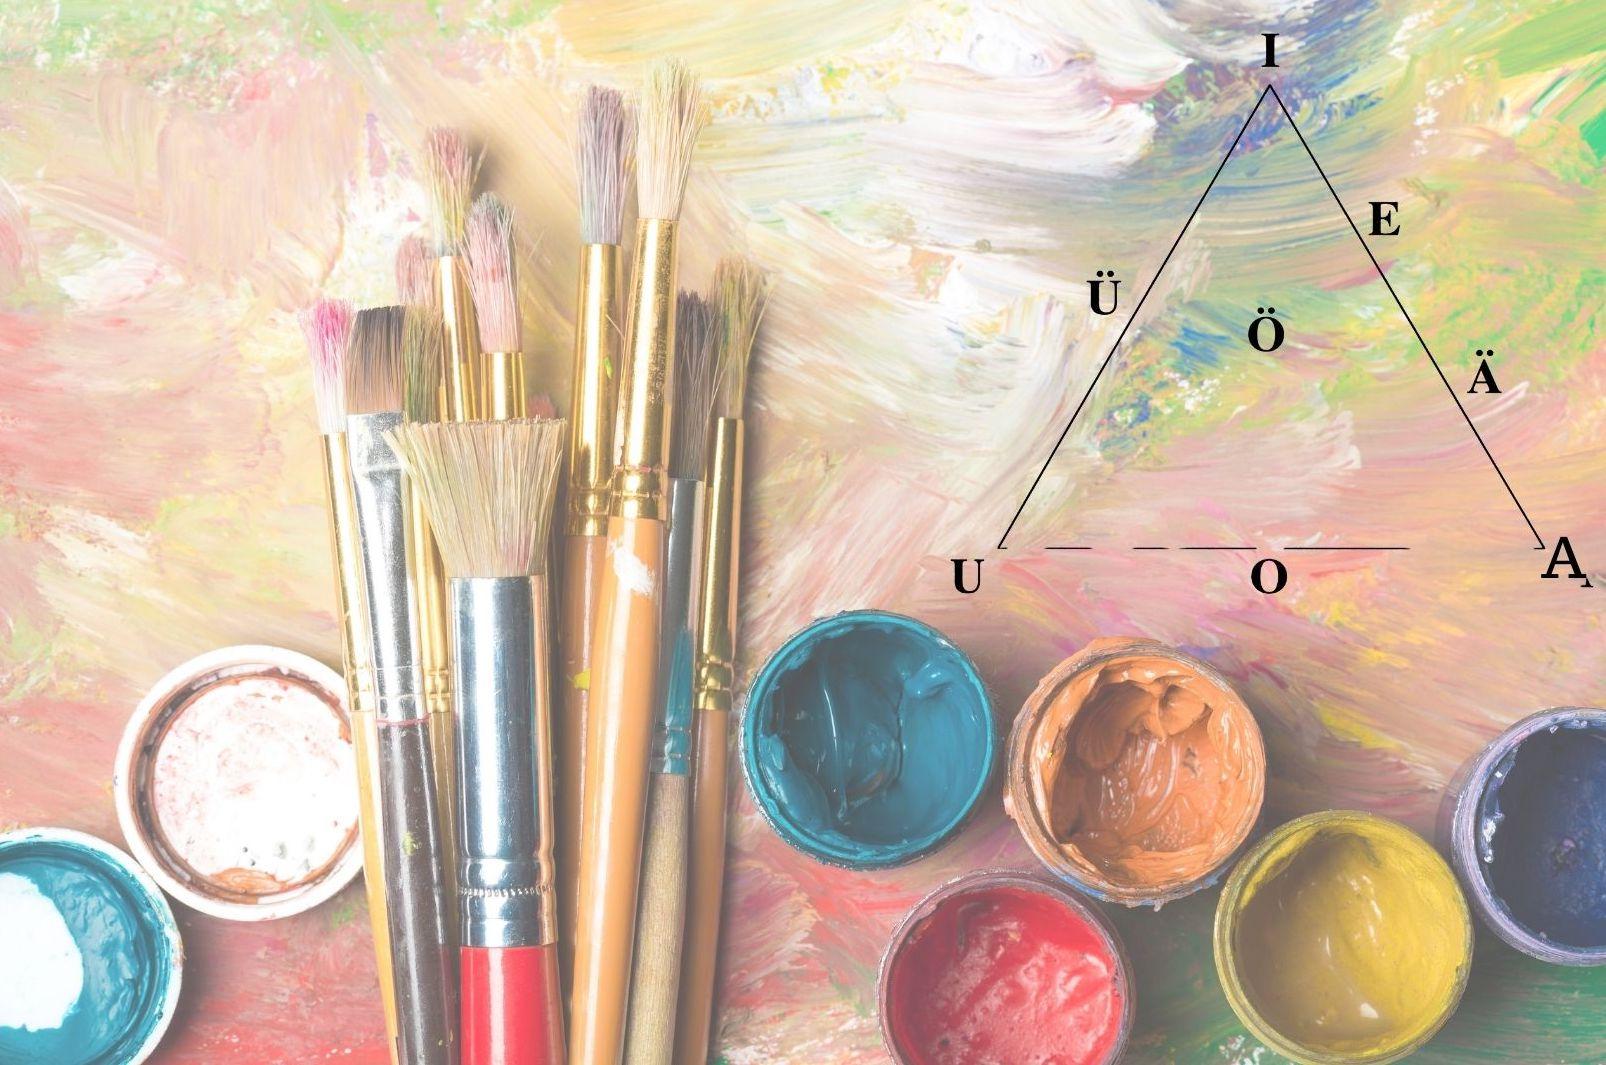 Pinsel, bunte Farben aus einem Tuschkasten, Vokaldreieck, Vokalfarbe Analogie